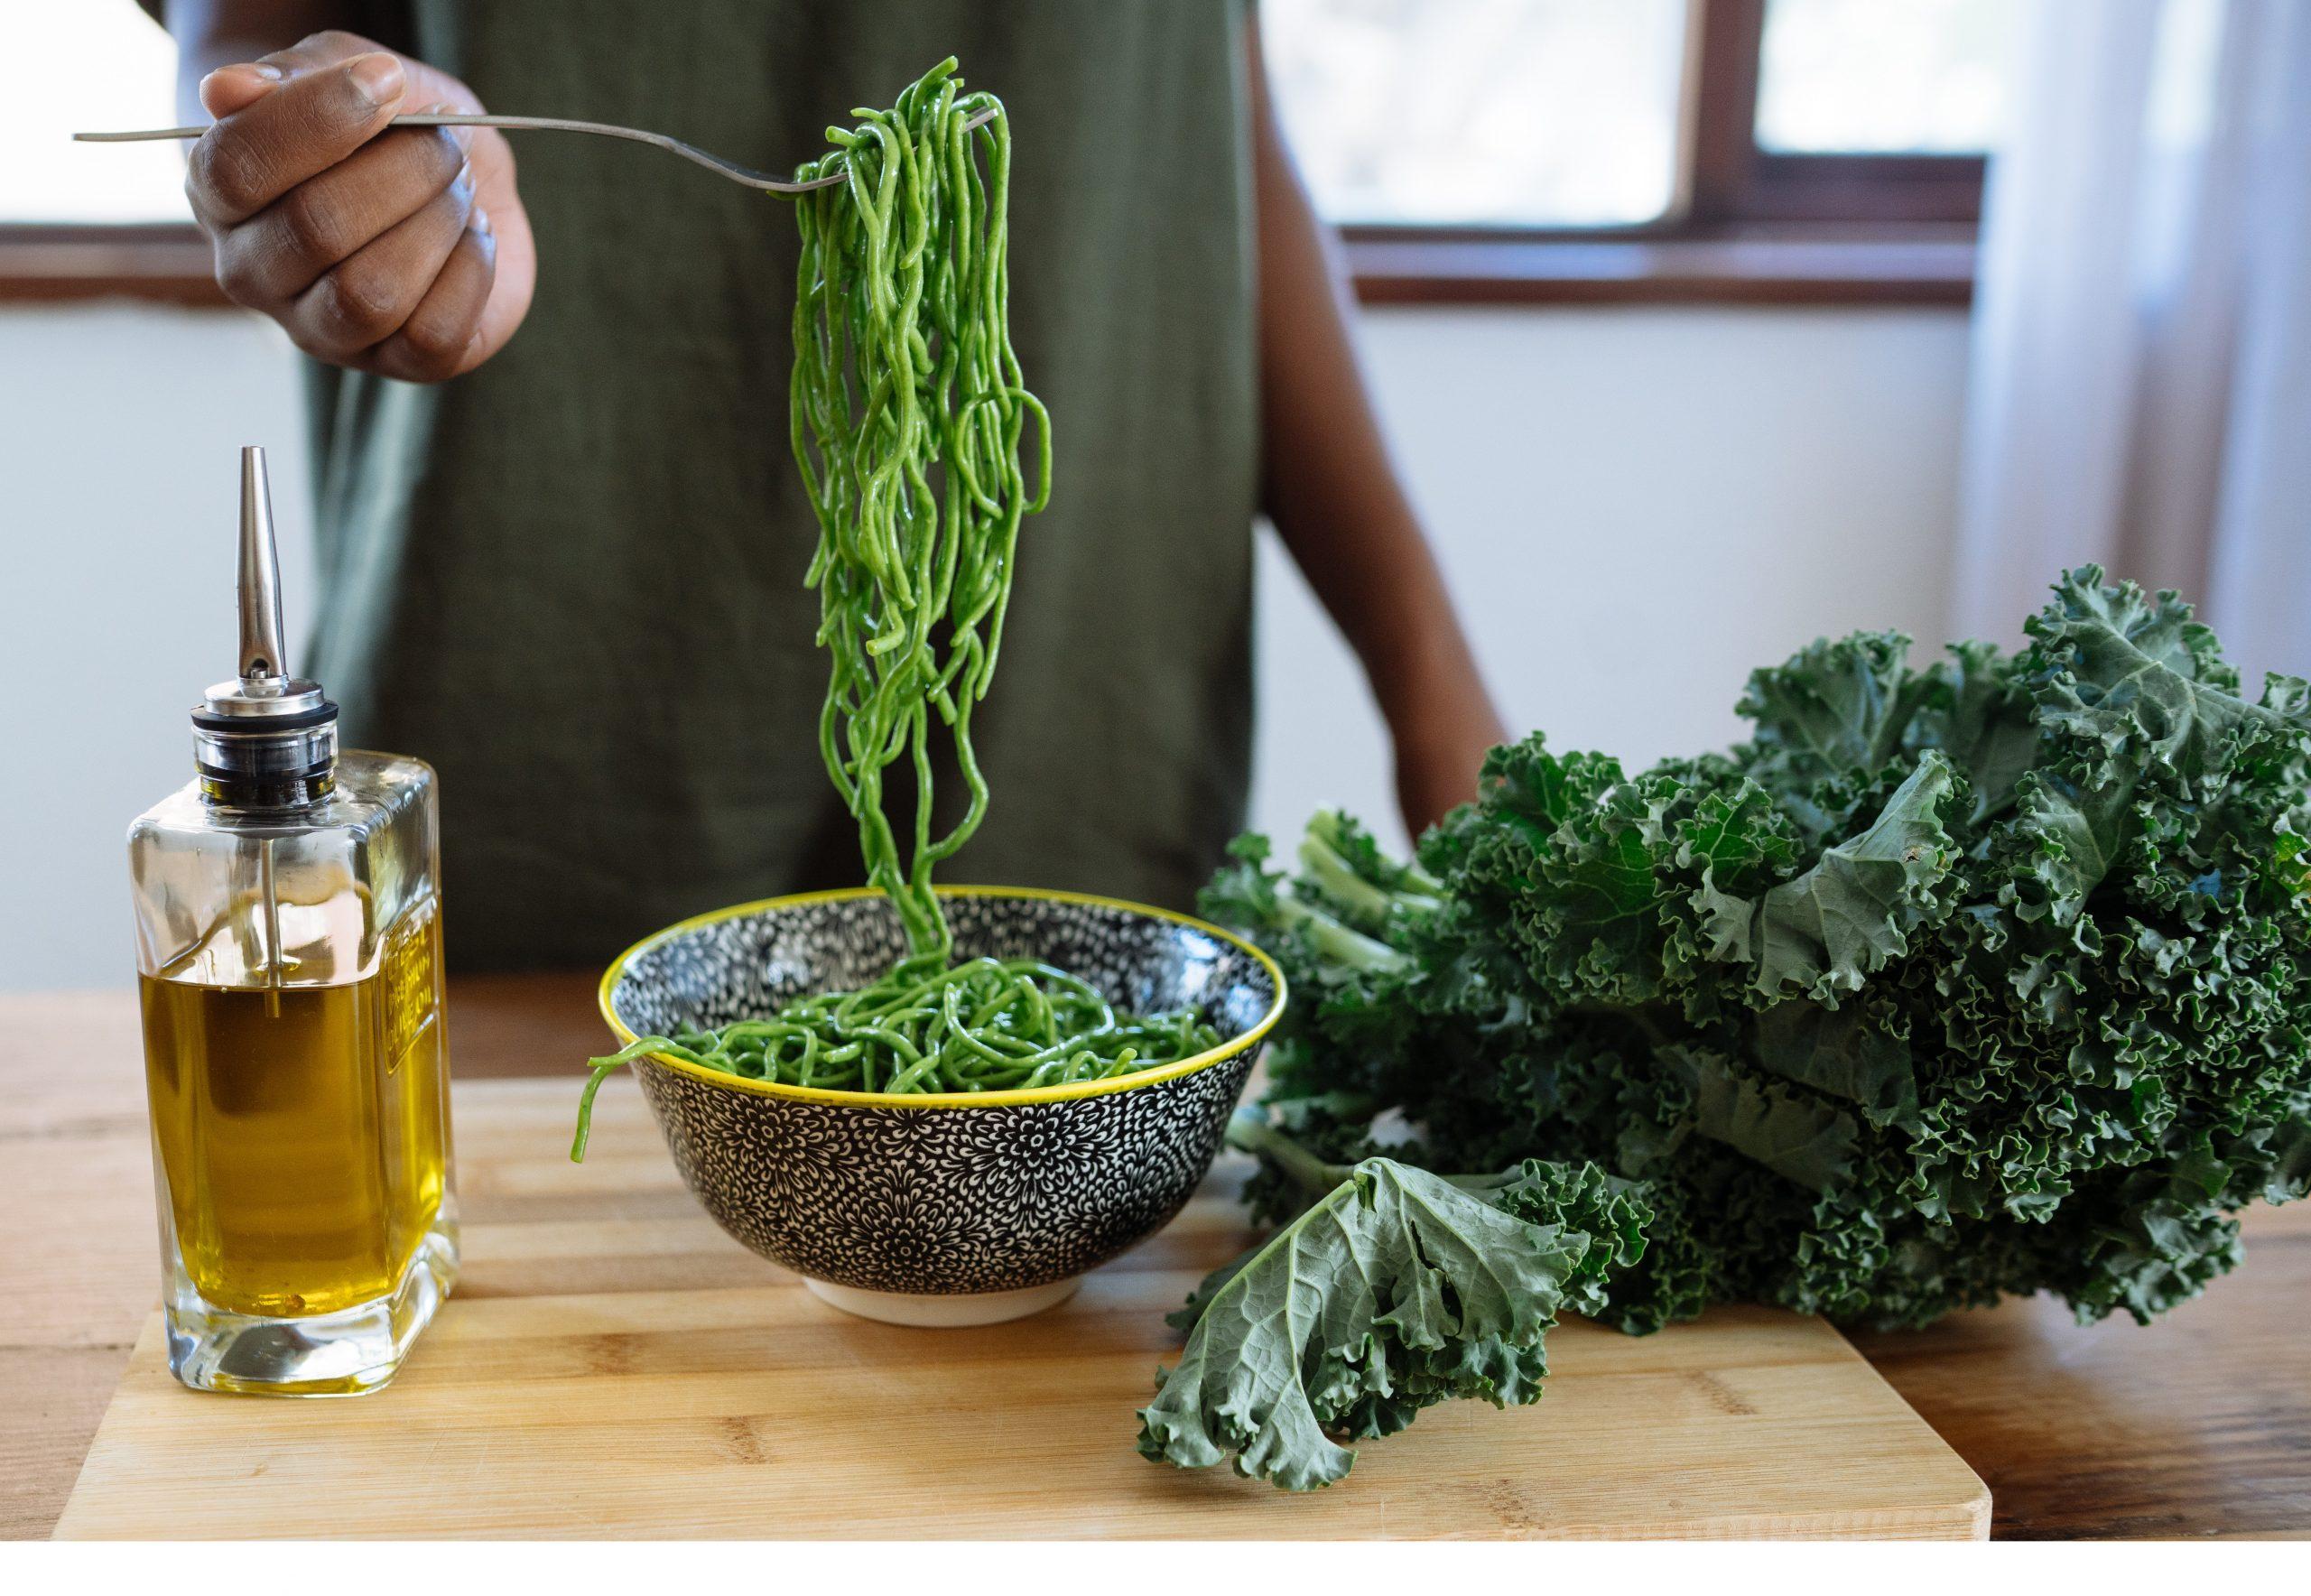 Allergies alimentaires : les huiles végétales sont-elles sécuritaires?